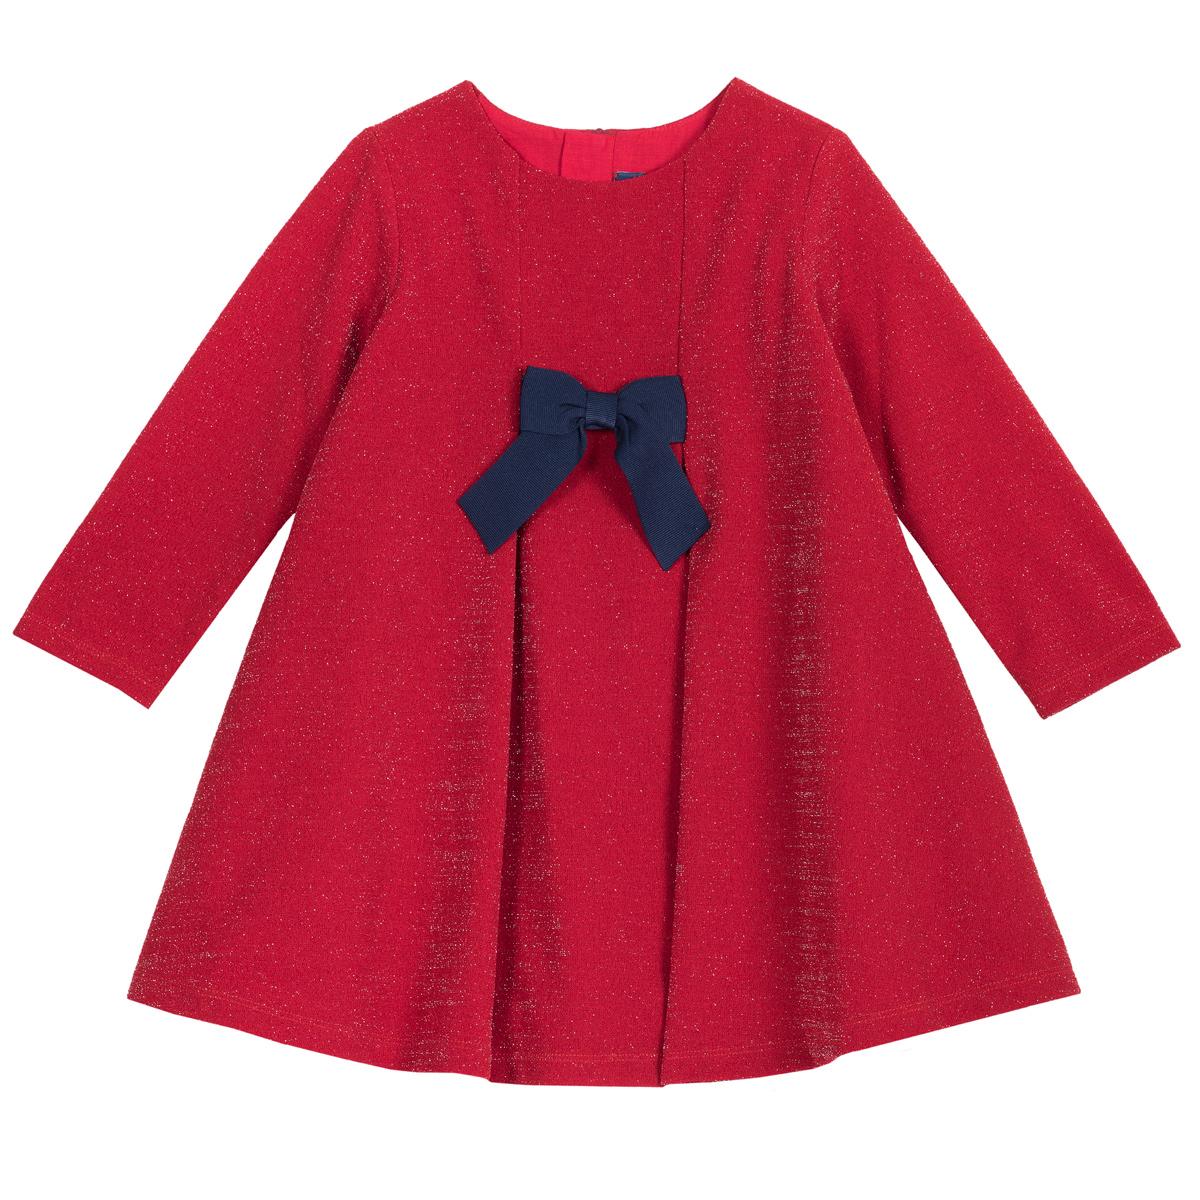 Rochie copii Chicco, rosie cu fir metalica si fundita bleumarin, 03566